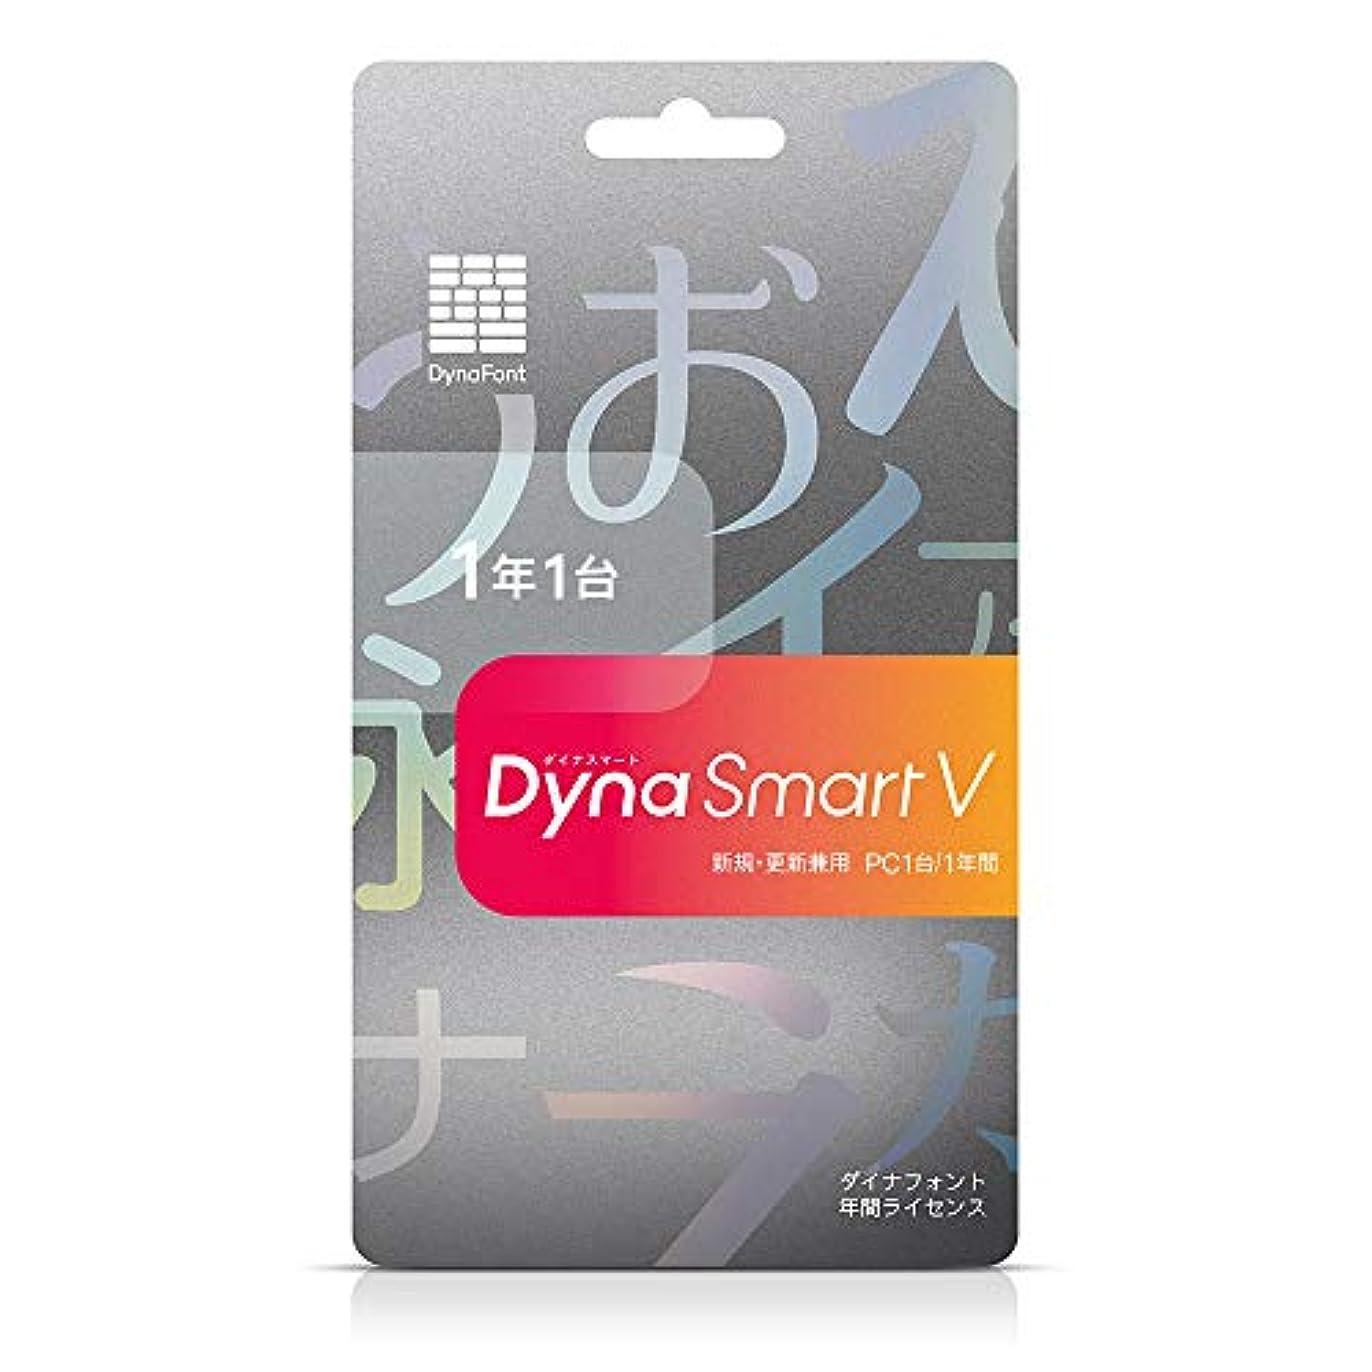 年次使役大きいダイナコムウェア DynaSmart V PC1台1年 カード版(新規・更新兼用)